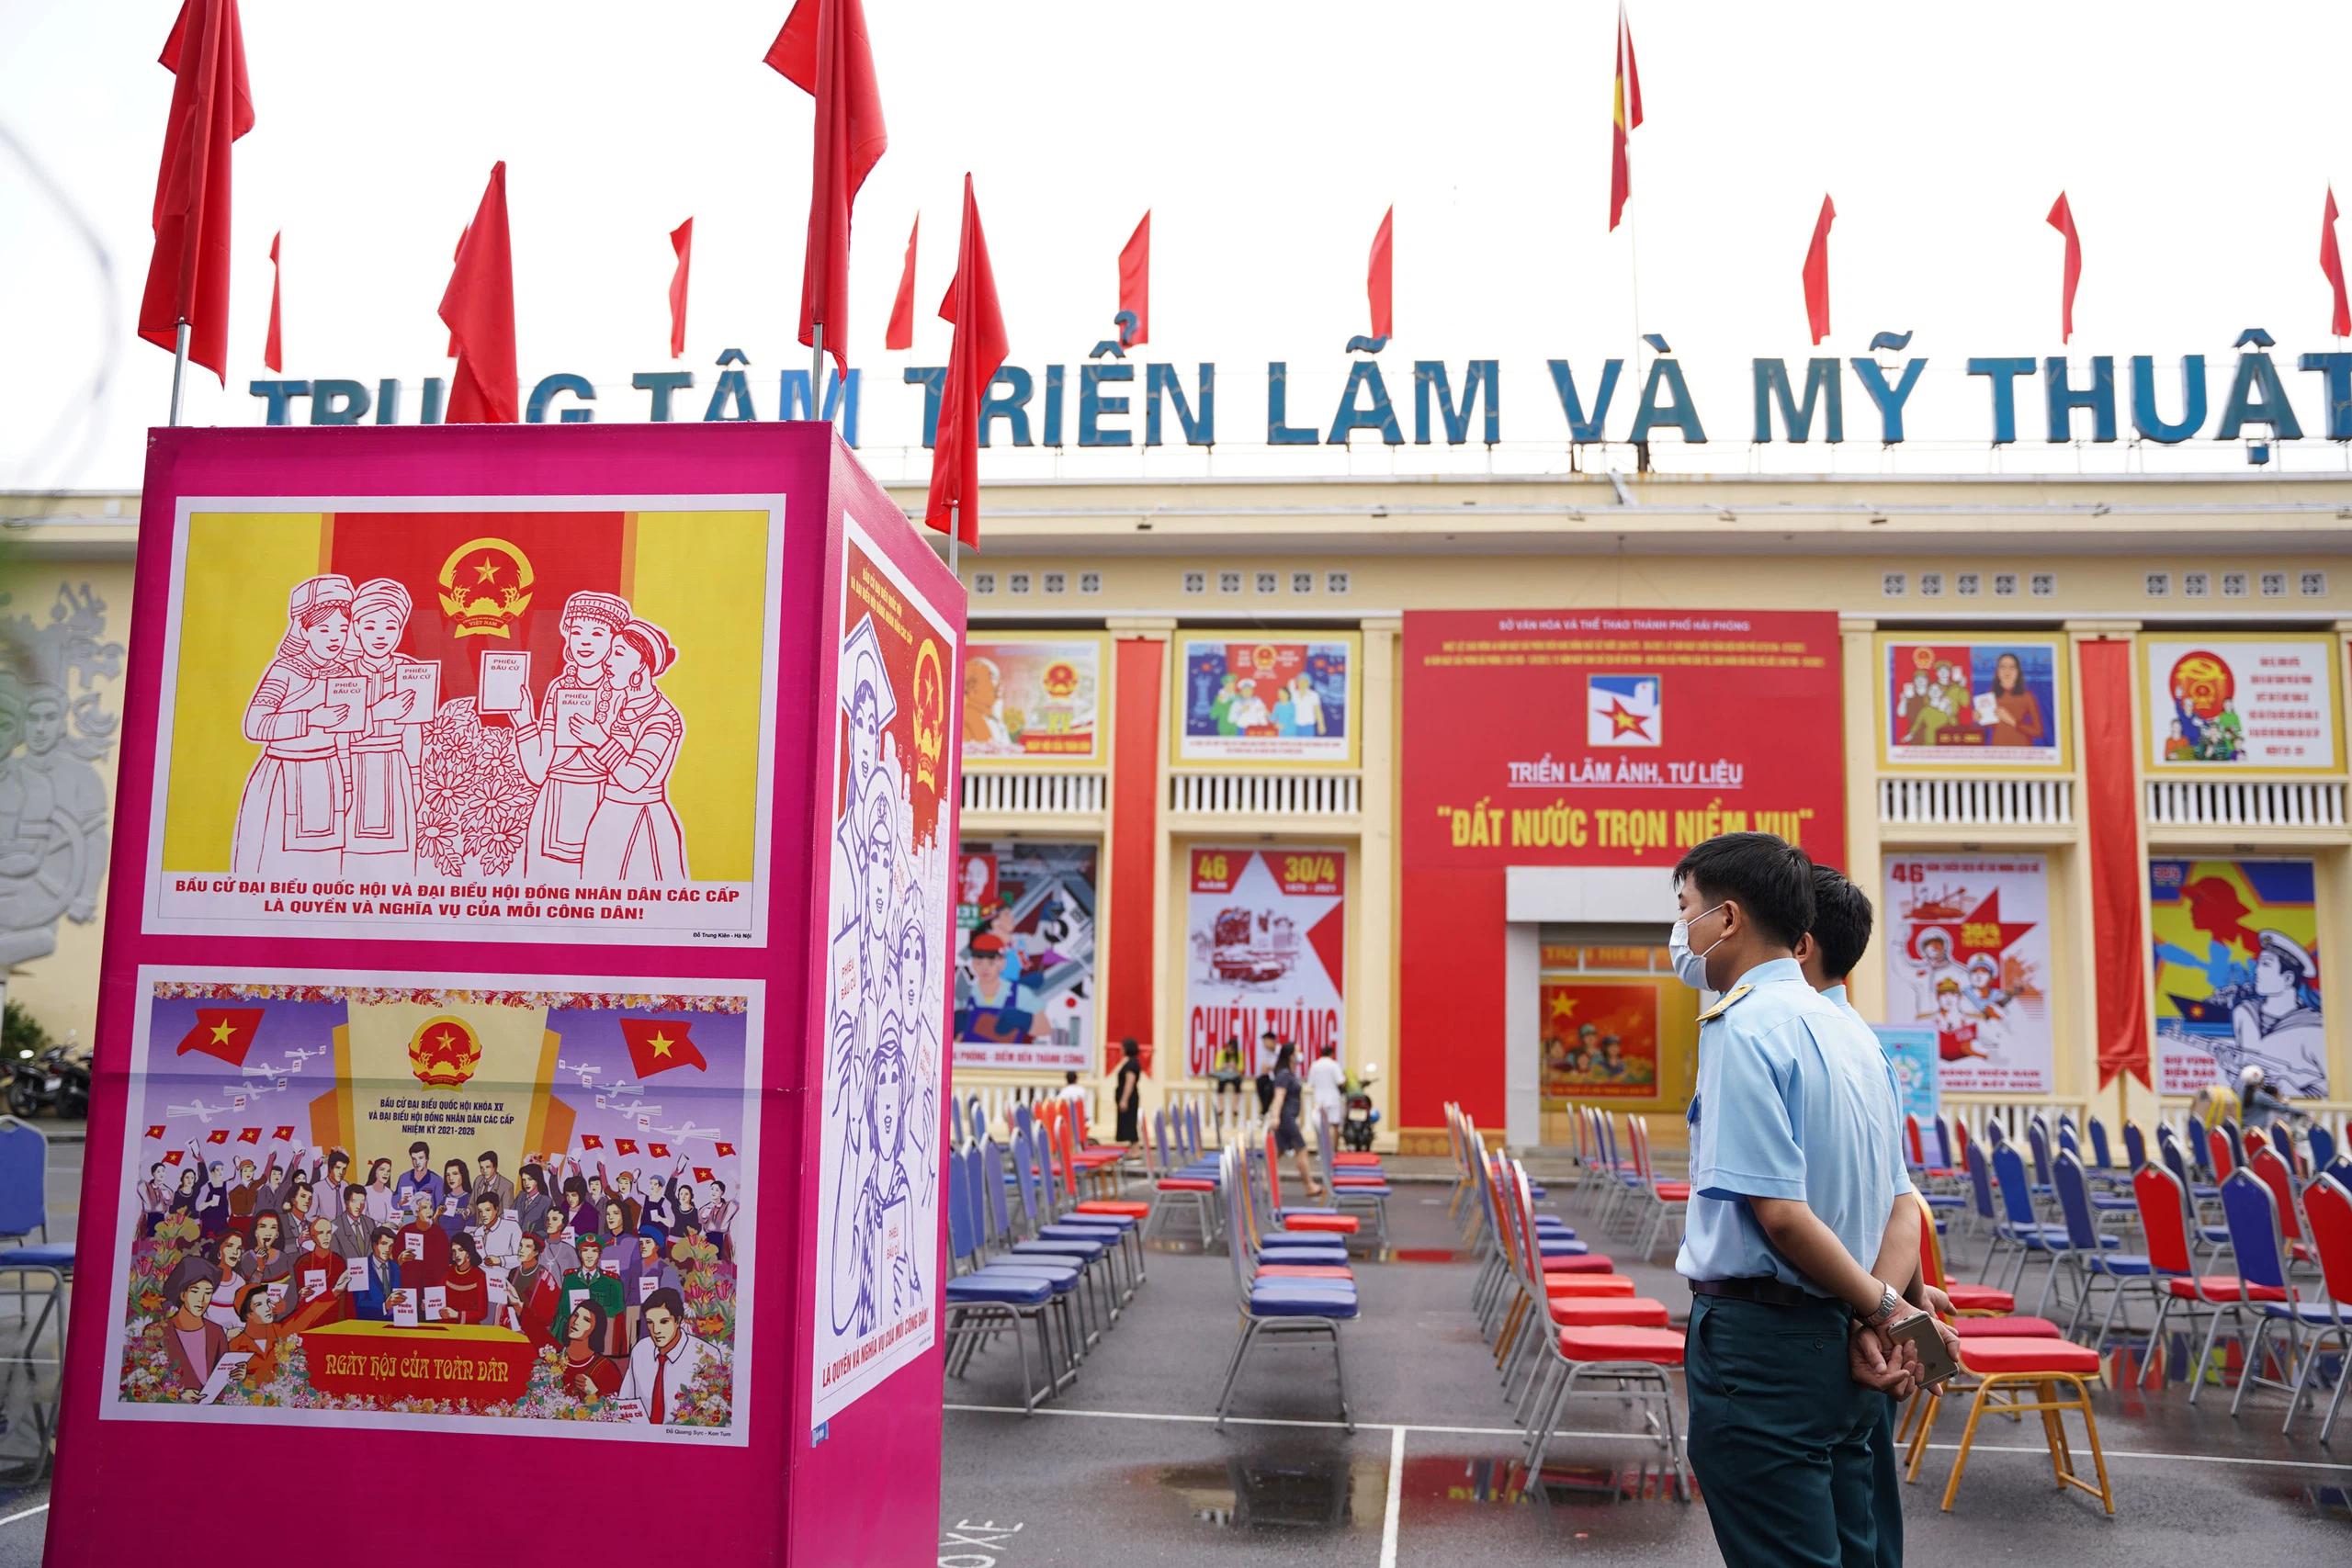 Trao giải thưởng, khai mạc triển lãm trưng bày 63 bức tranh cổ động tấm lớn toàn quốc - Ảnh 9.